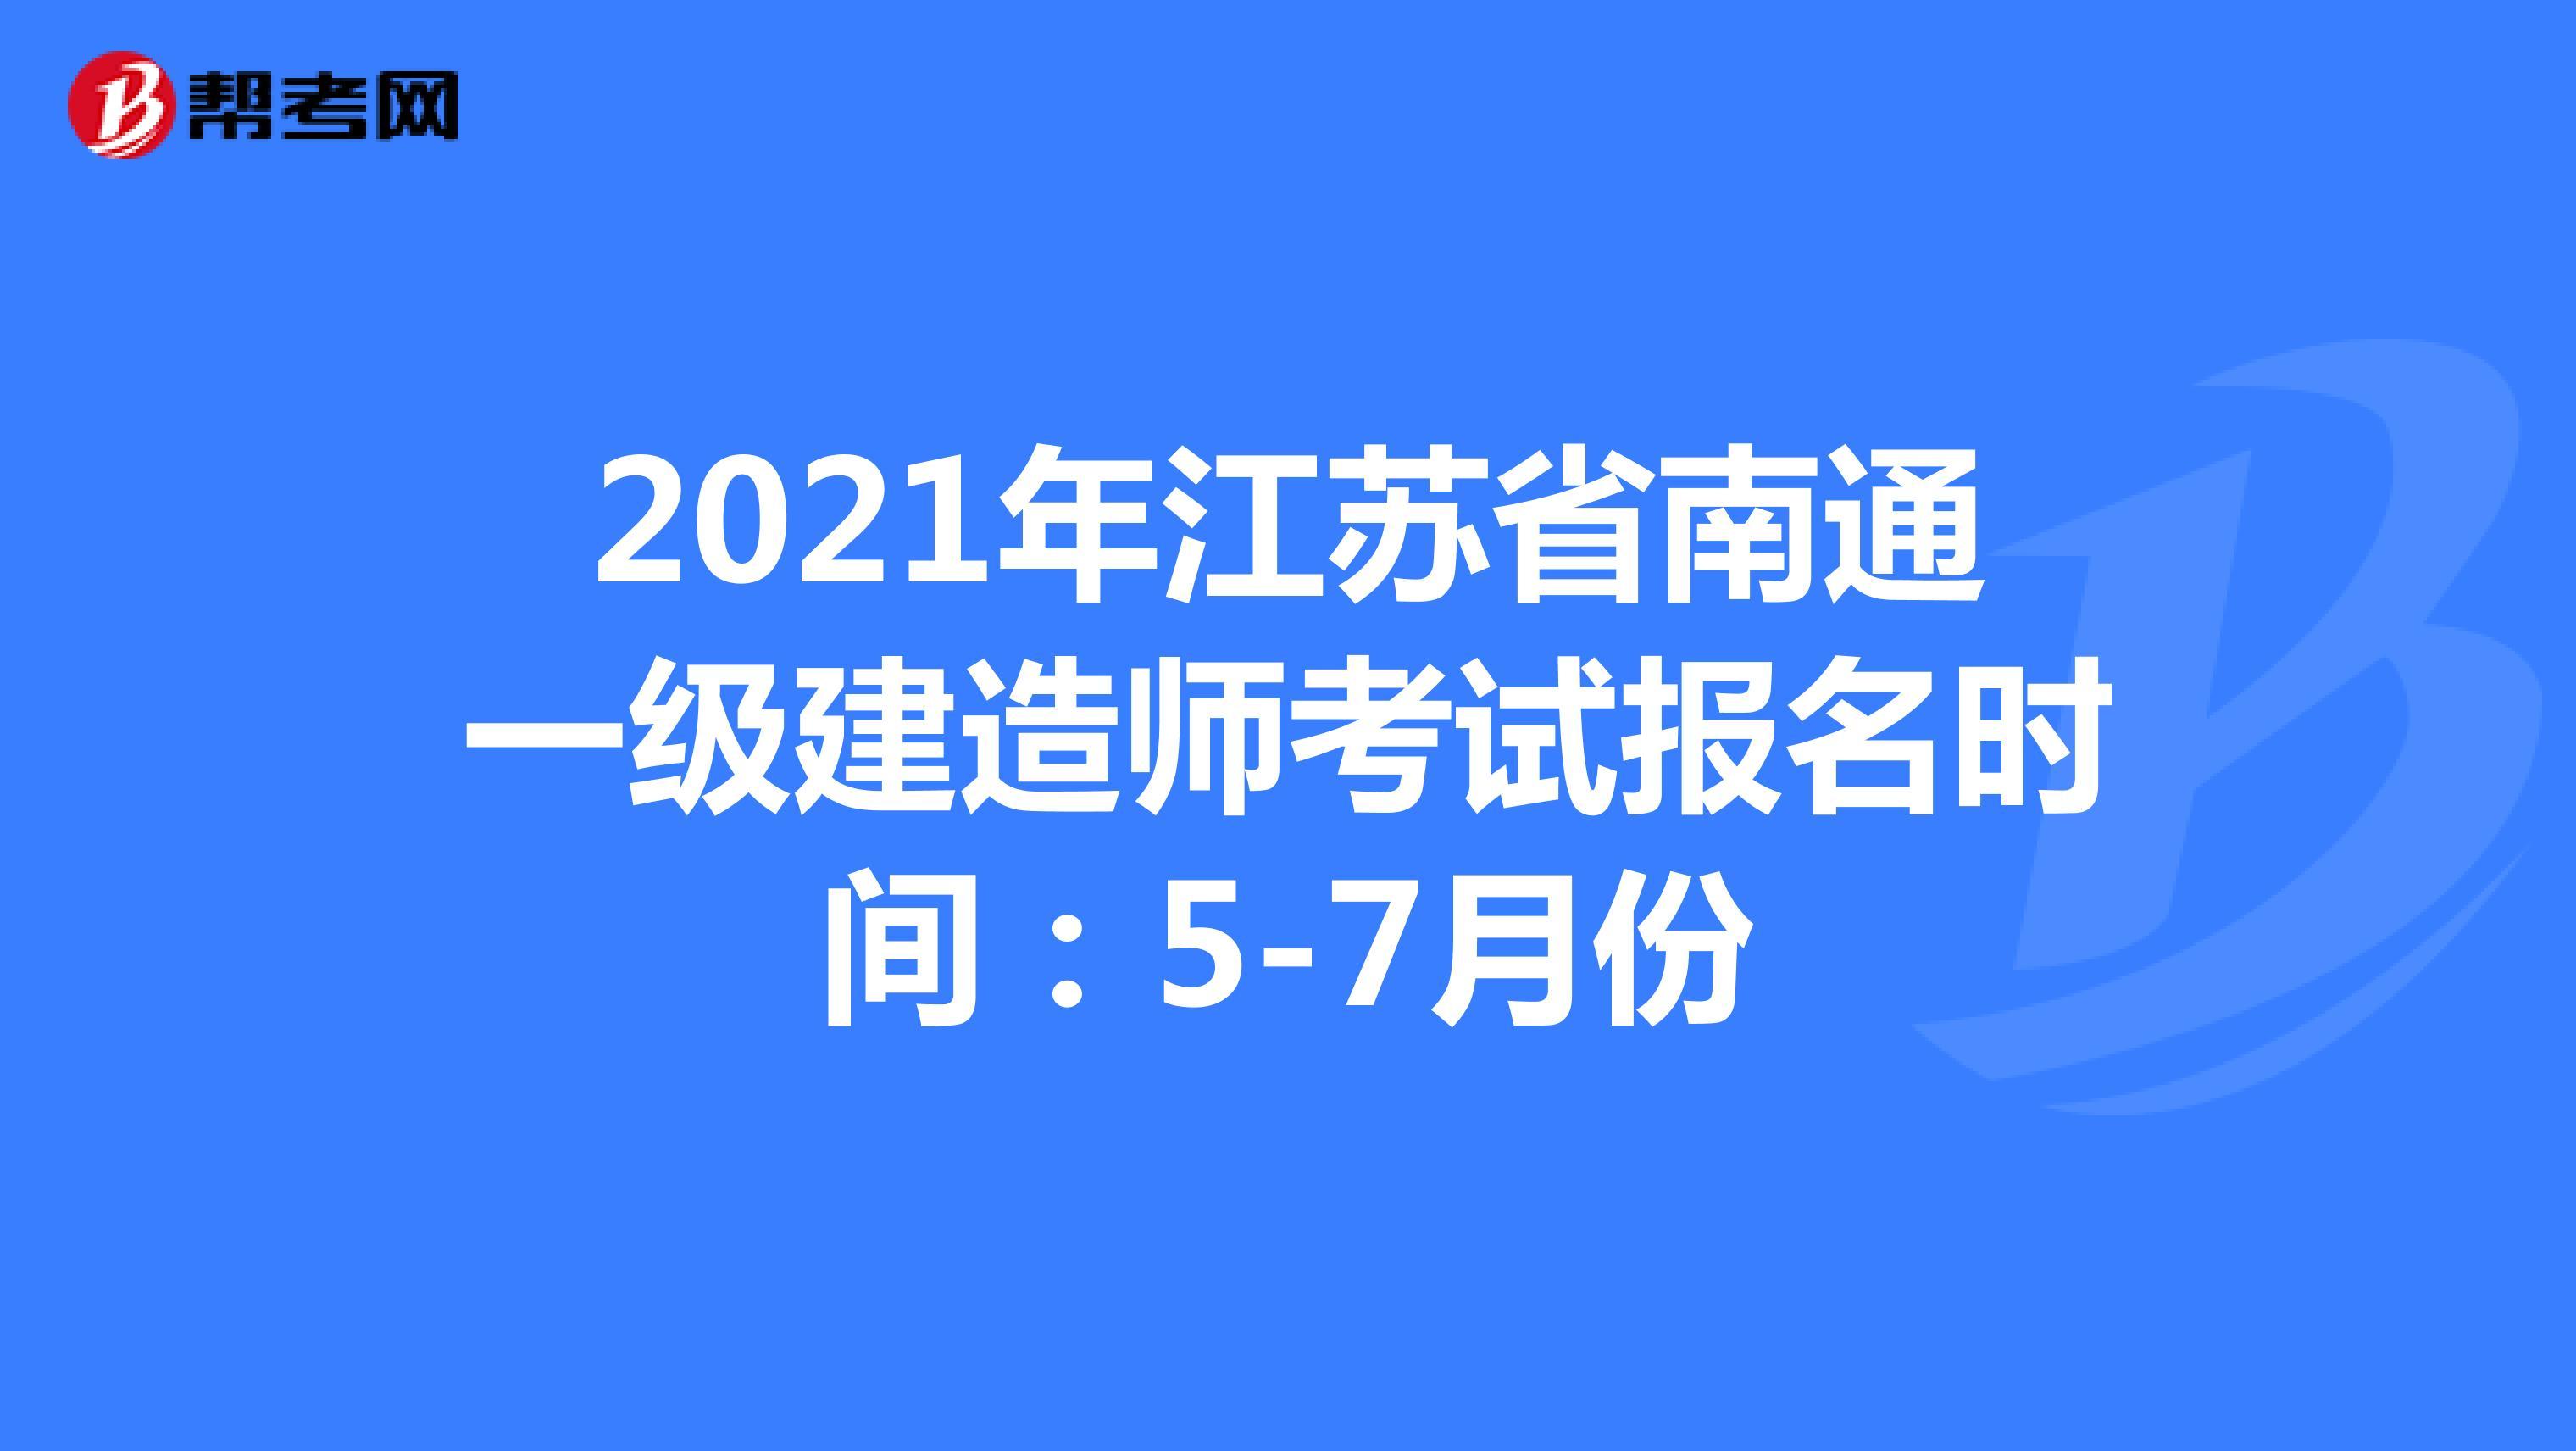 2021年江苏省南通一级建造师考试报名时间:5-7月份